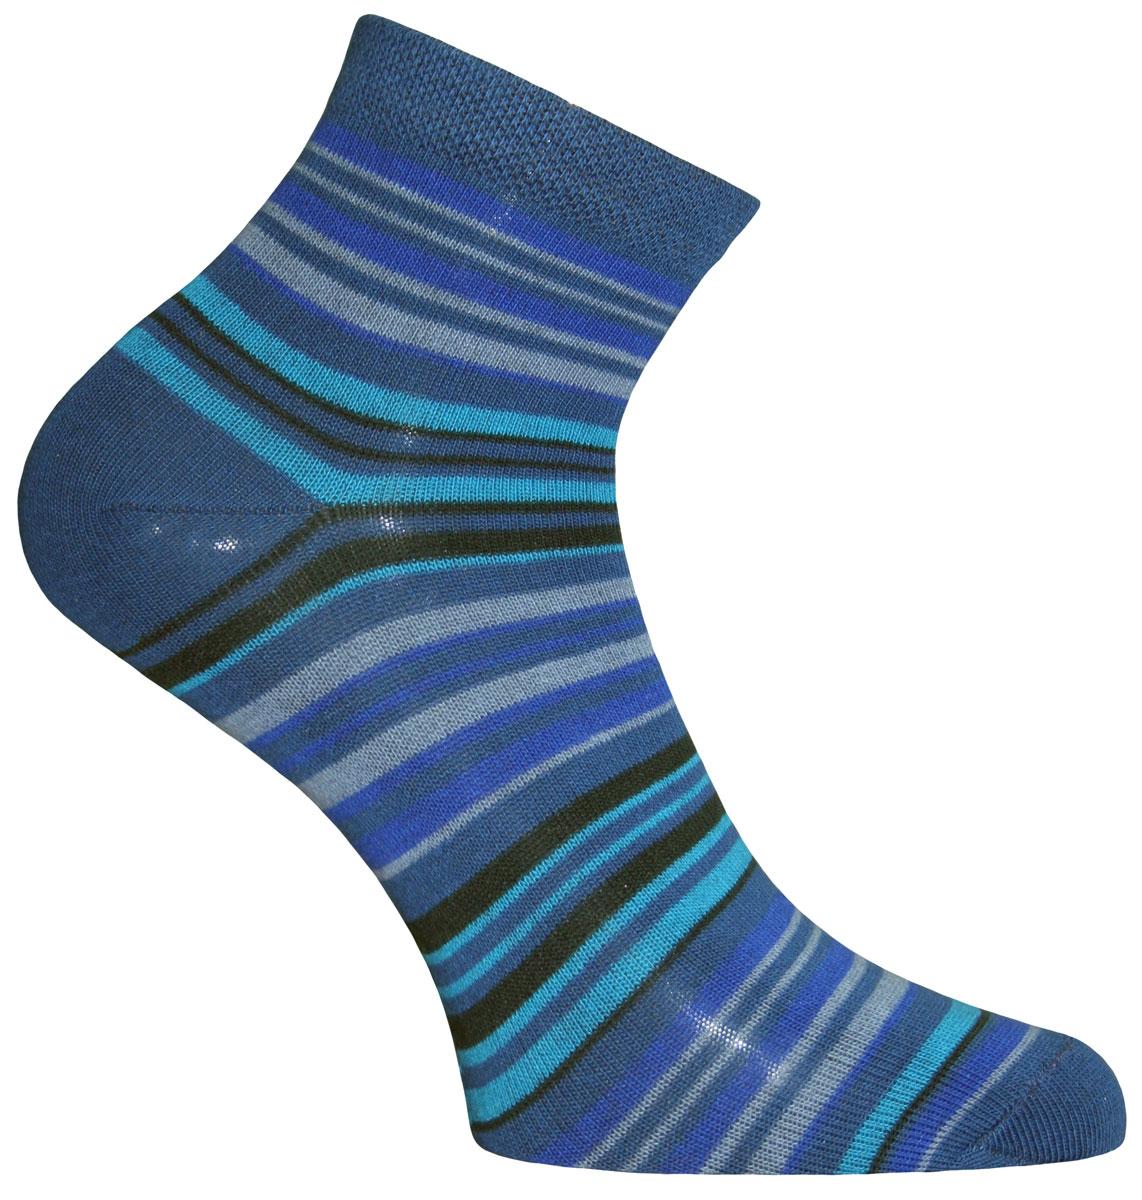 Носки женские Master Socks, цвет: синий, черный, серый. 55109. Размер 2555109Носки Master Socks изготовлены из индийского хлопка с добавлением полиамида и эластана, очень удобных и приятных при носке. Модель оформлена принтом в полоску. Эластичная резинка плотно облегает ногу, не сдавливая ее, обеспечивая комфорт и удобство.